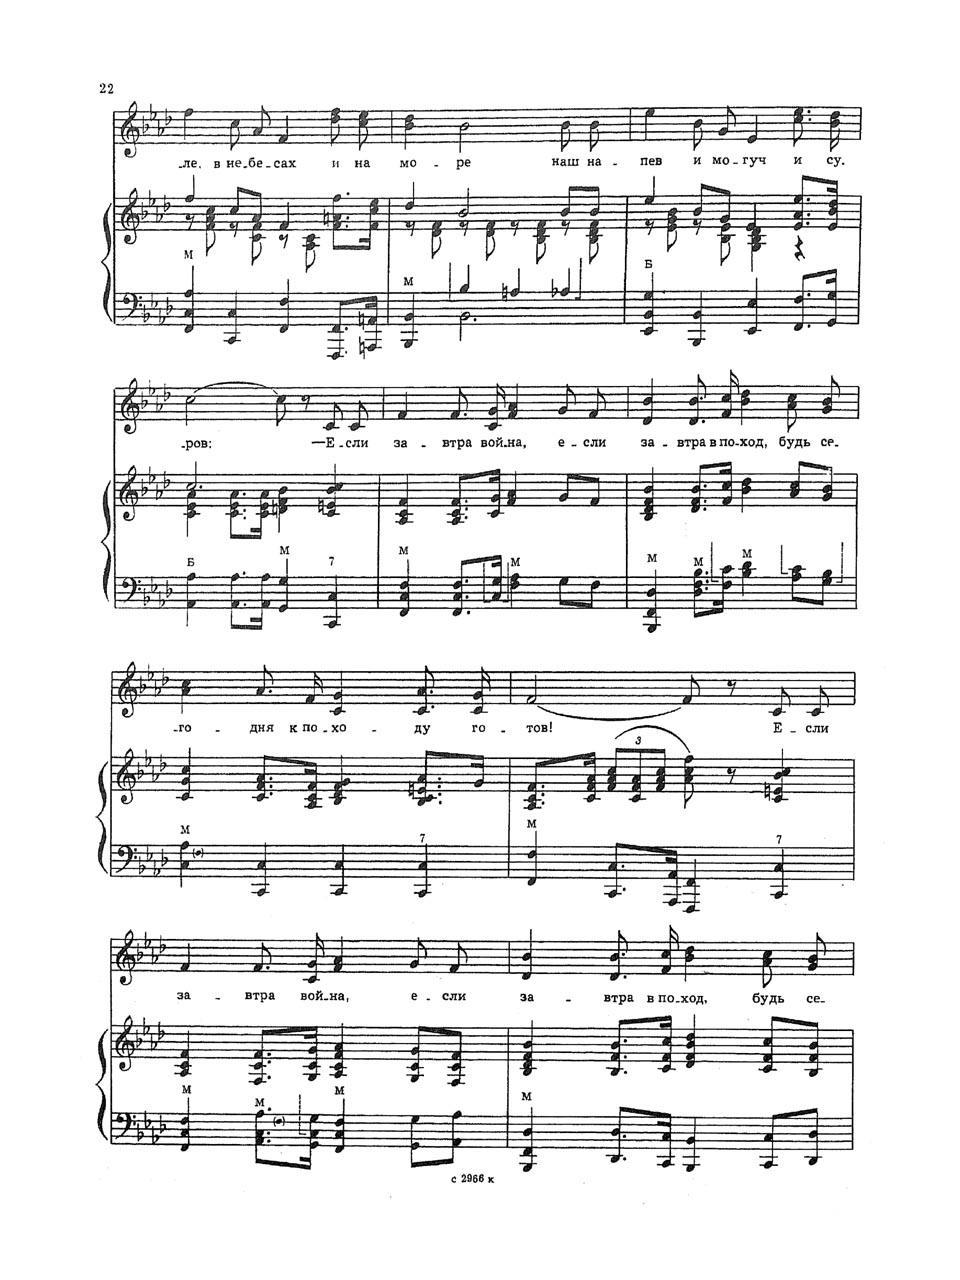 Дм. и Дан. Покрасс, В. Лебедев-Кумач. Если завтра война. Ноты для голоса и фортепиано